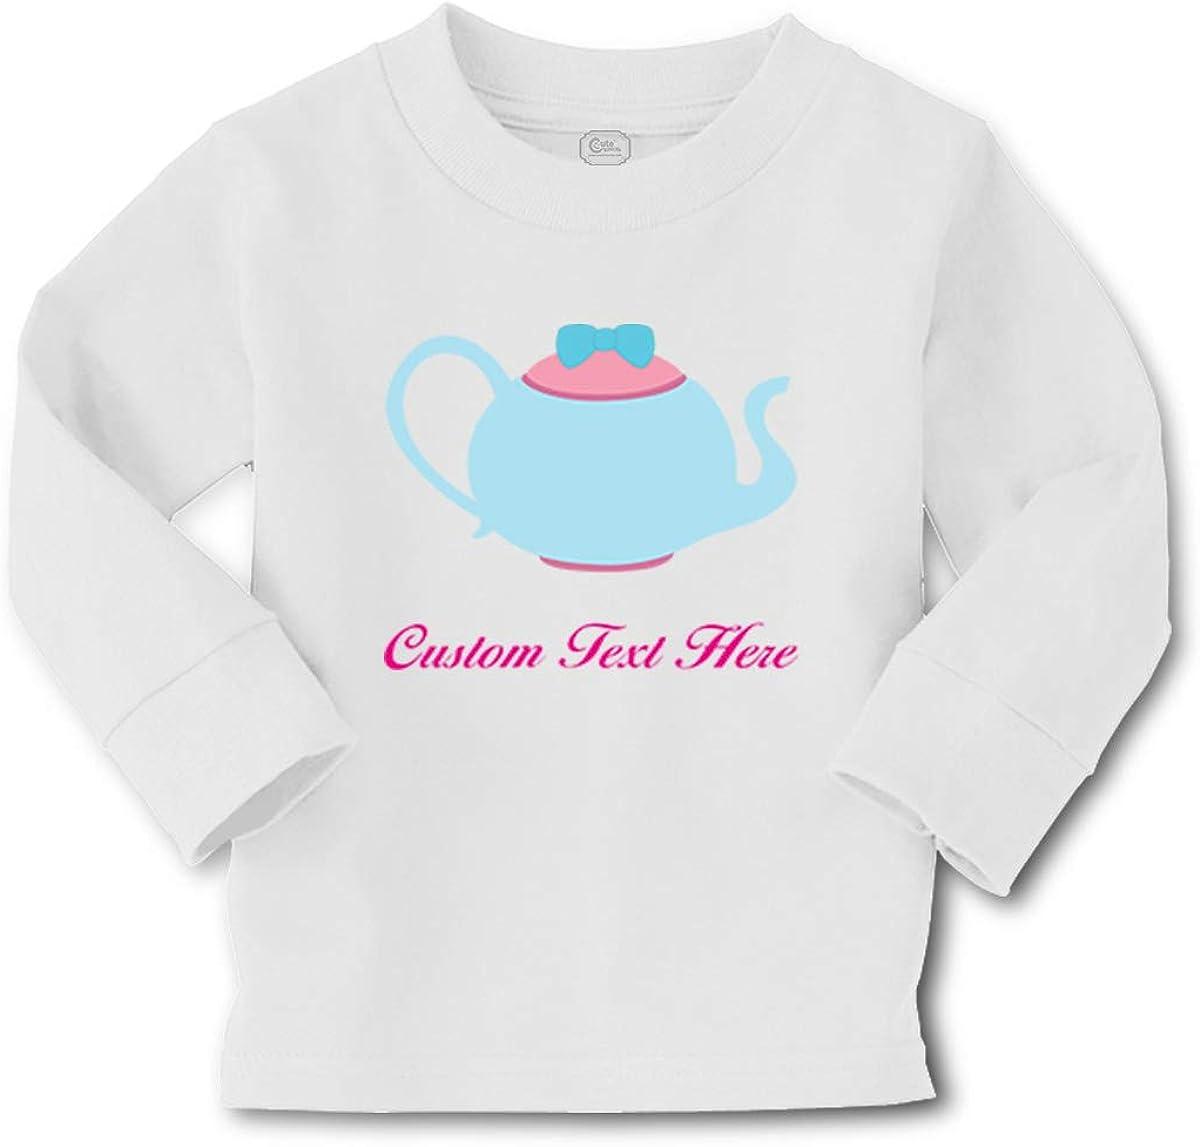 Cute Rascals Kids Long Sleeve T Shirt Light Blue1 Teapot Cotton Boy & Girl Clothes